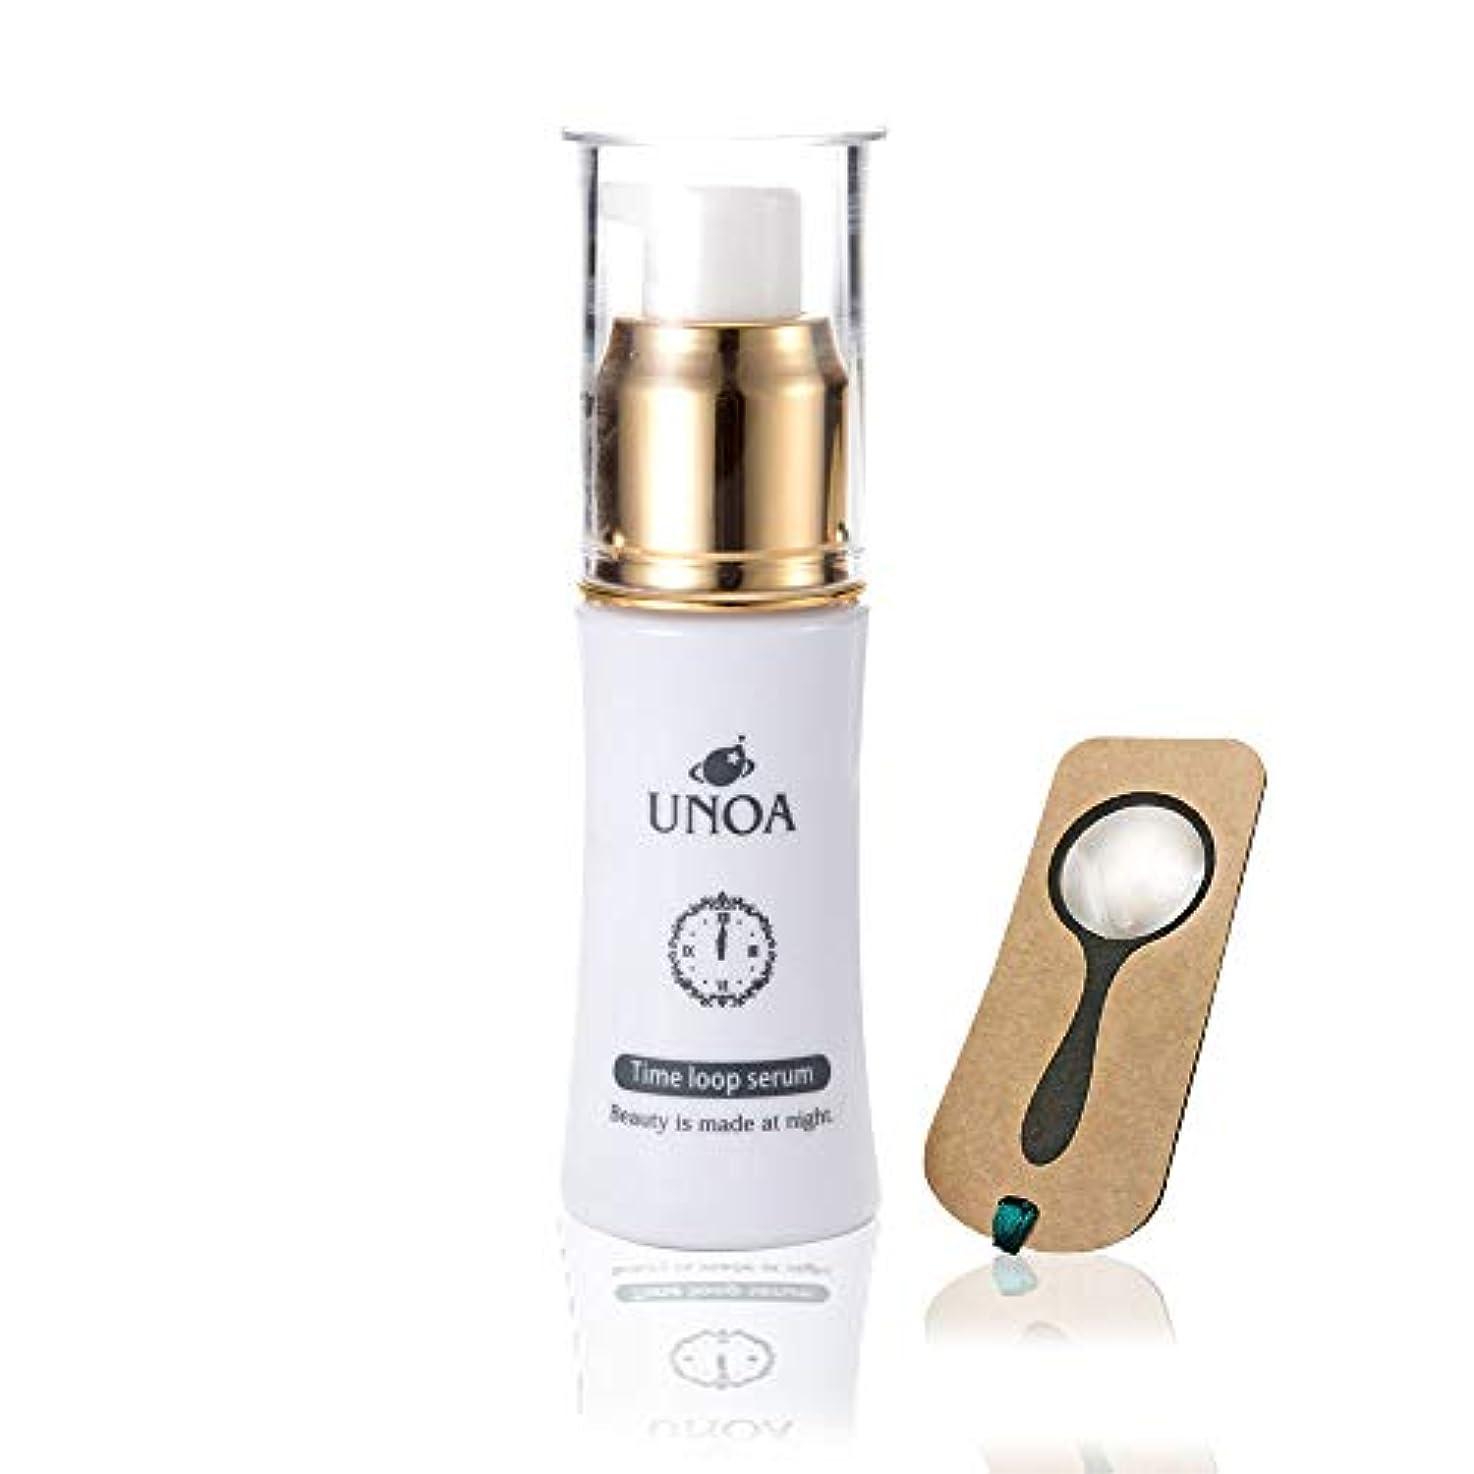 モロニック修理可能アシストヒト幹細胞美容液「UNOAタイムループセラム」美容成分高配合 しおり型ルーペ付き